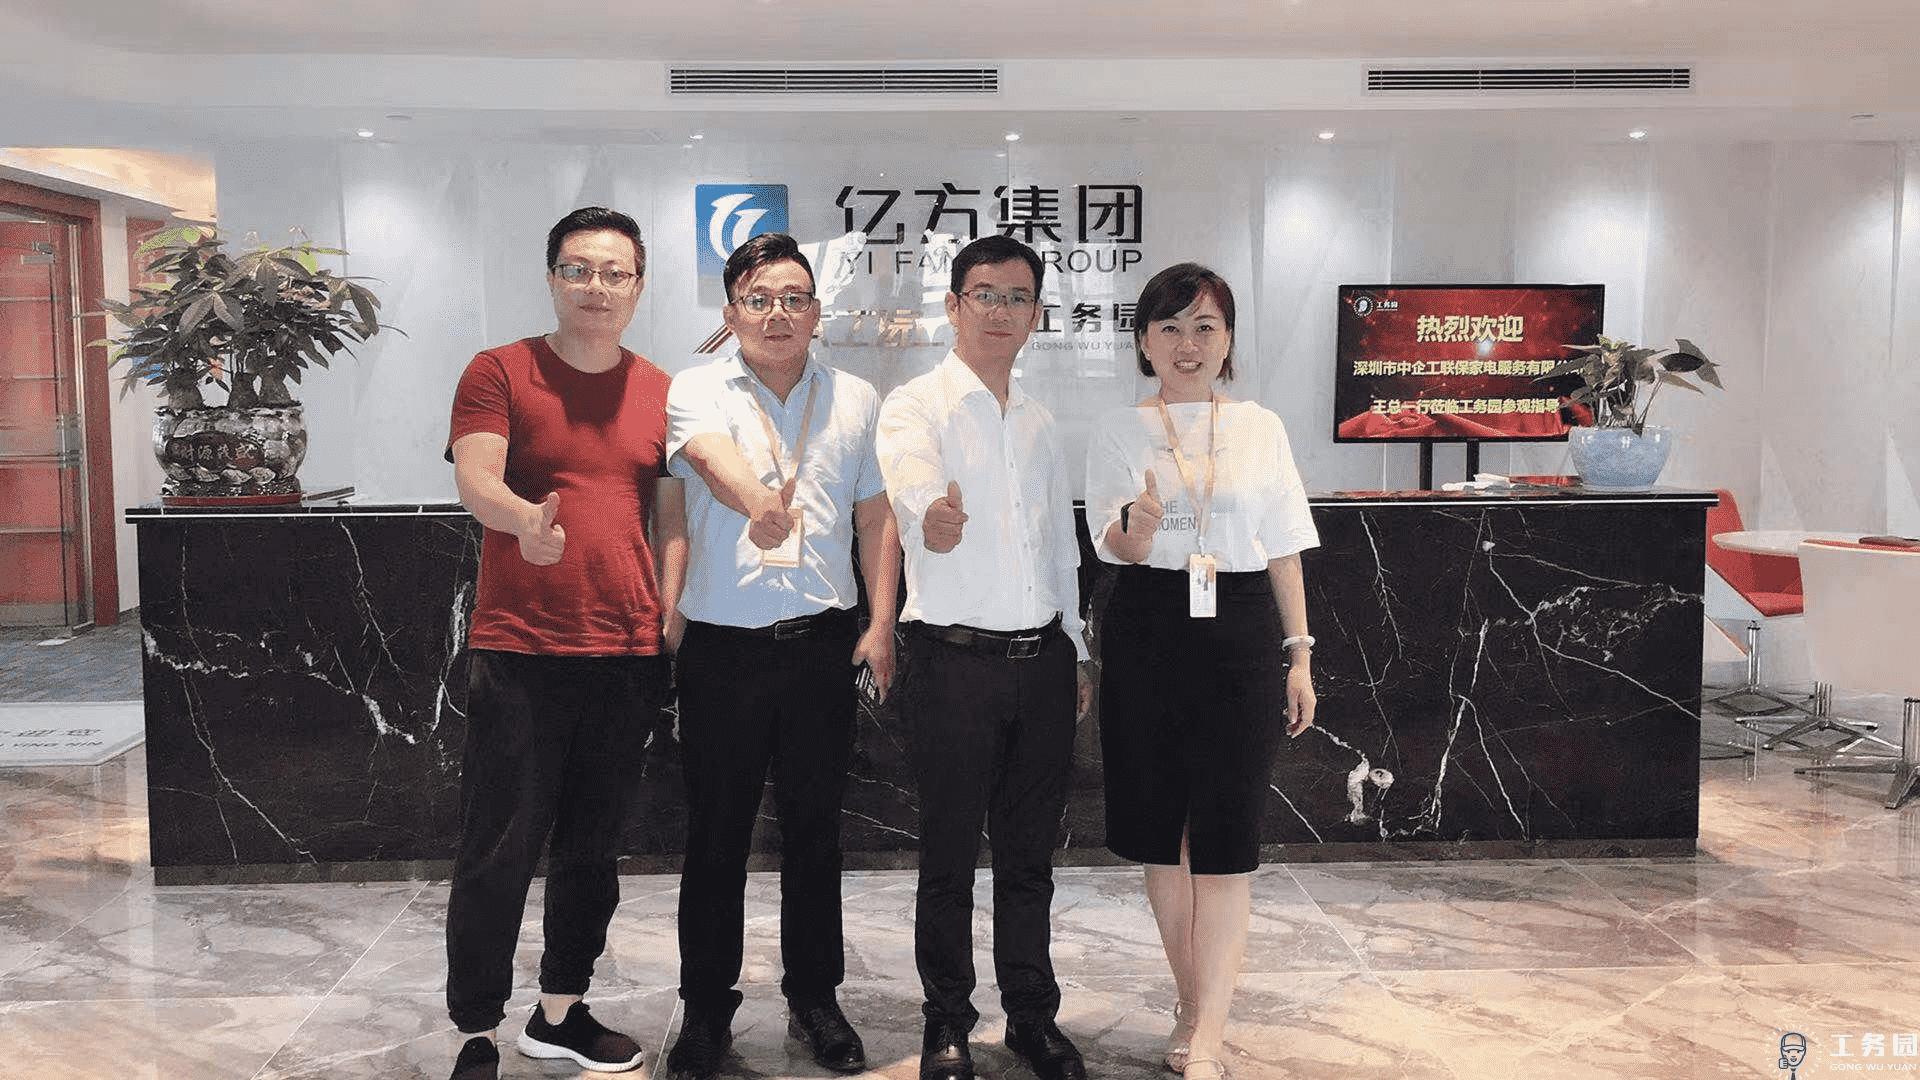 快讯 l 中企工联保家电服务有限公司与工务园达成深度合作意向!